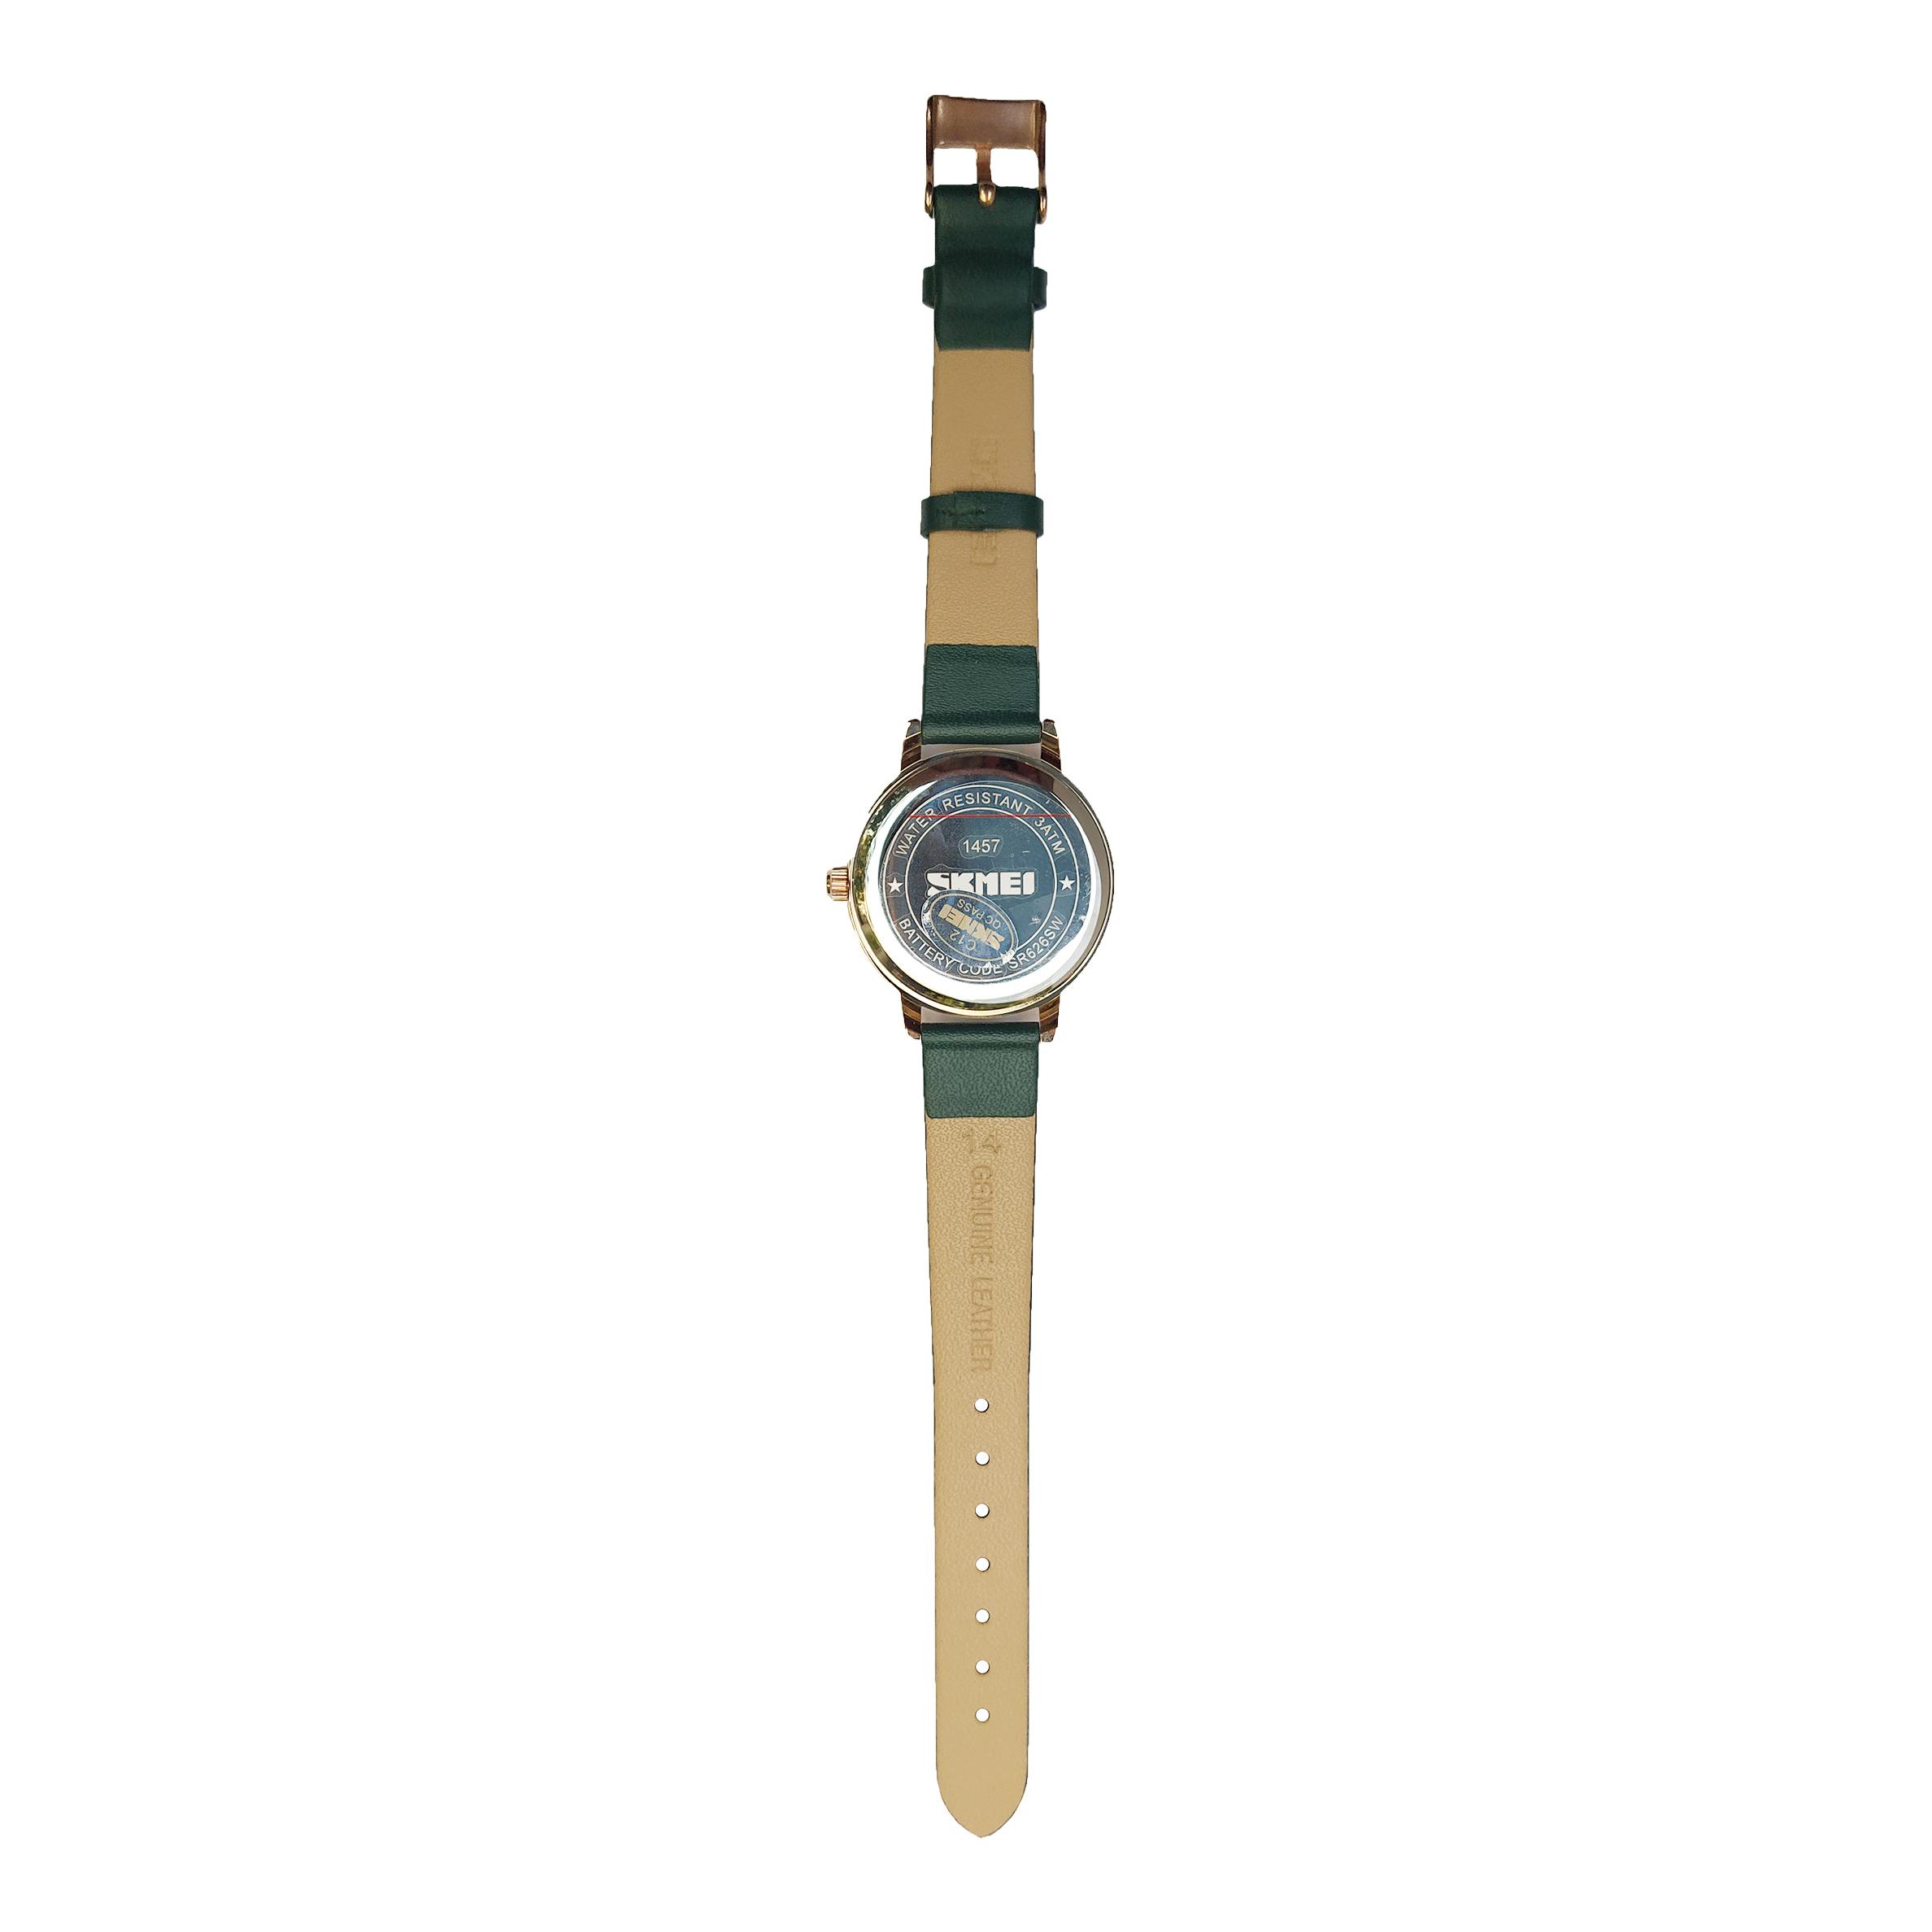 ساعت مچی عقربه ای زنانه اسکمی مدل 1457Gr thumb 2 2